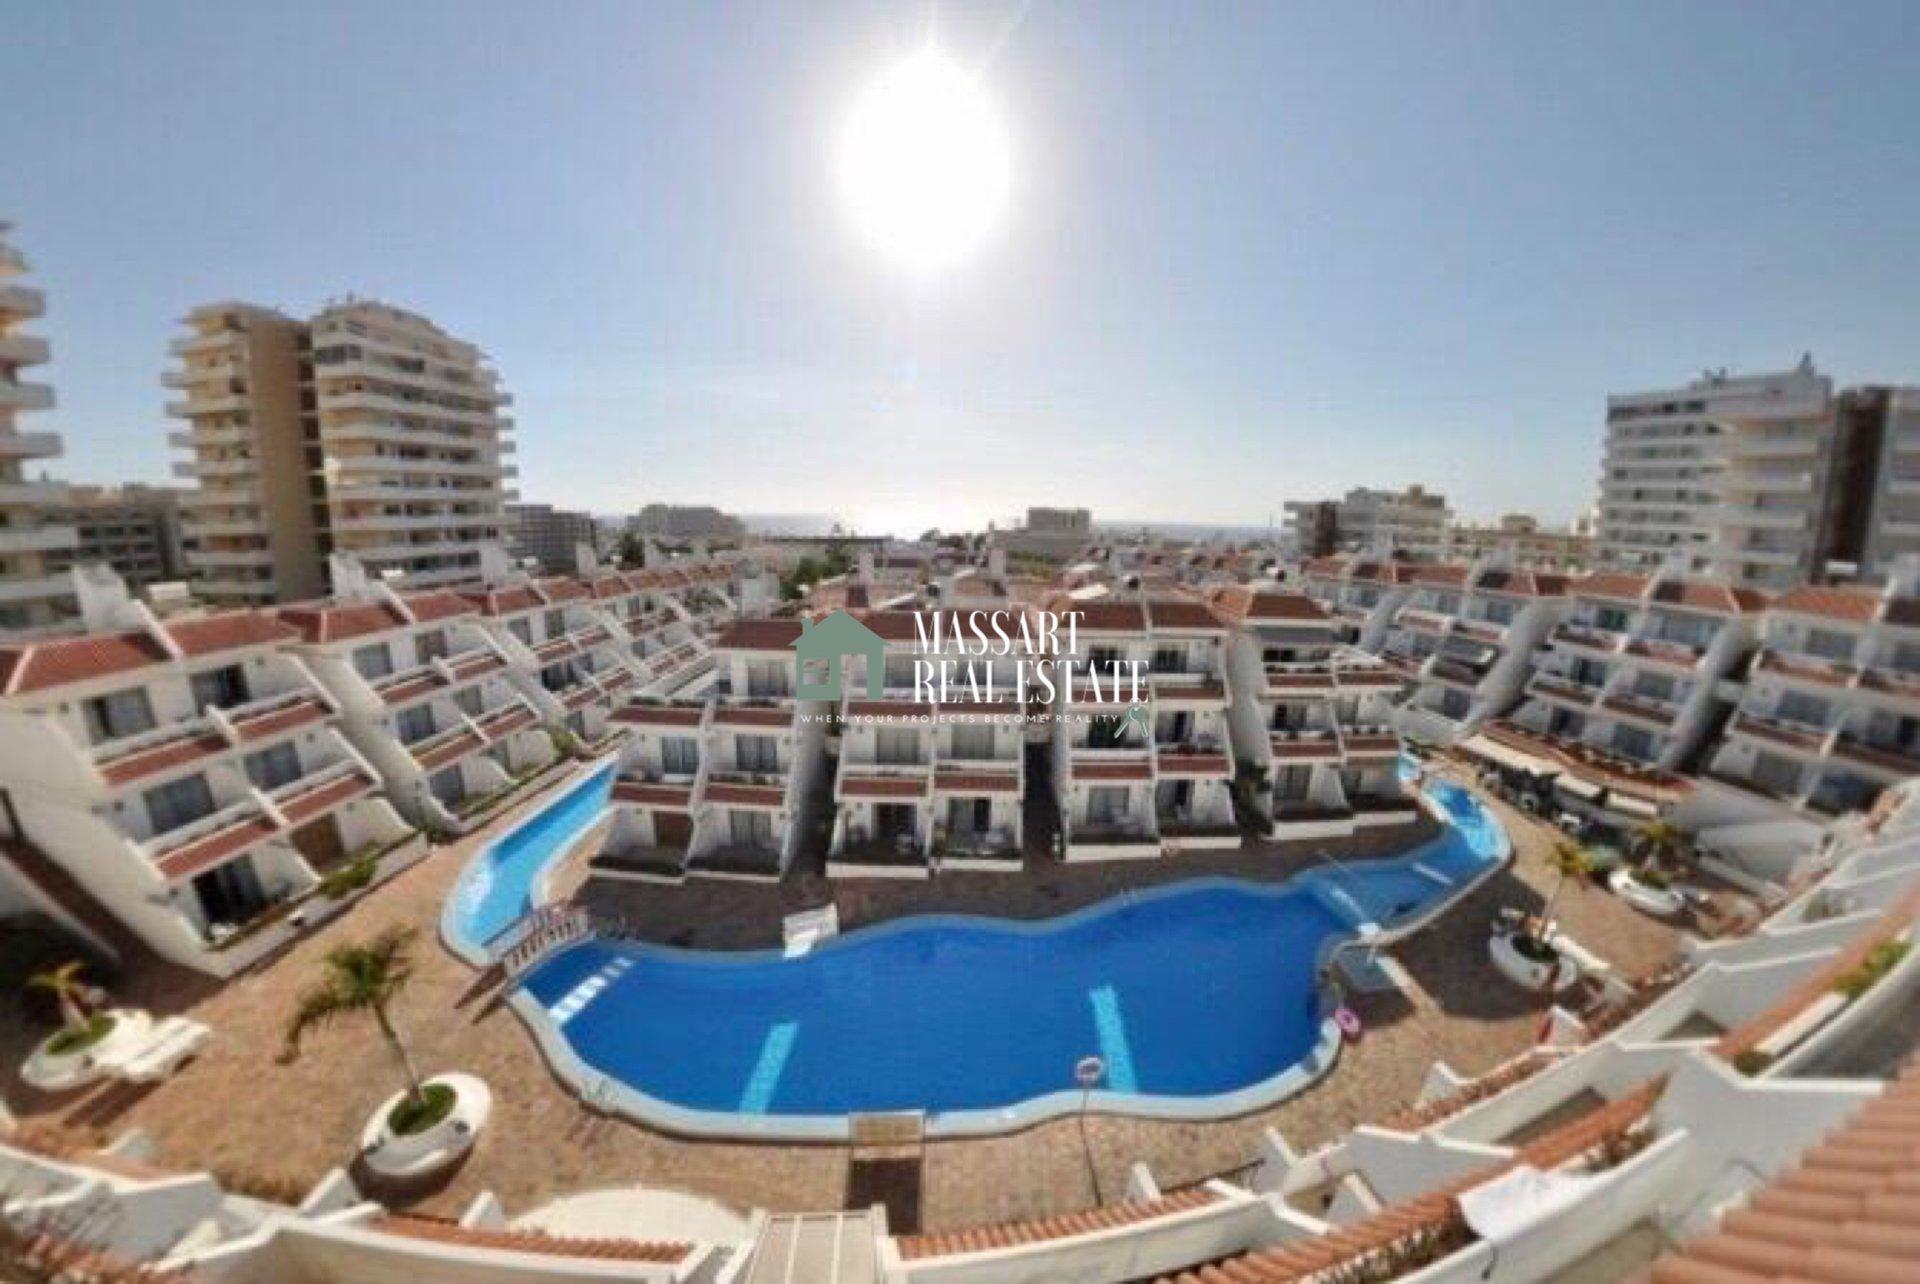 En venta en la estratégica zona de Playa de las Américas, en el complejo residencial Las Floritas, apartamento funcional de 52 m2 completamente amueblado.